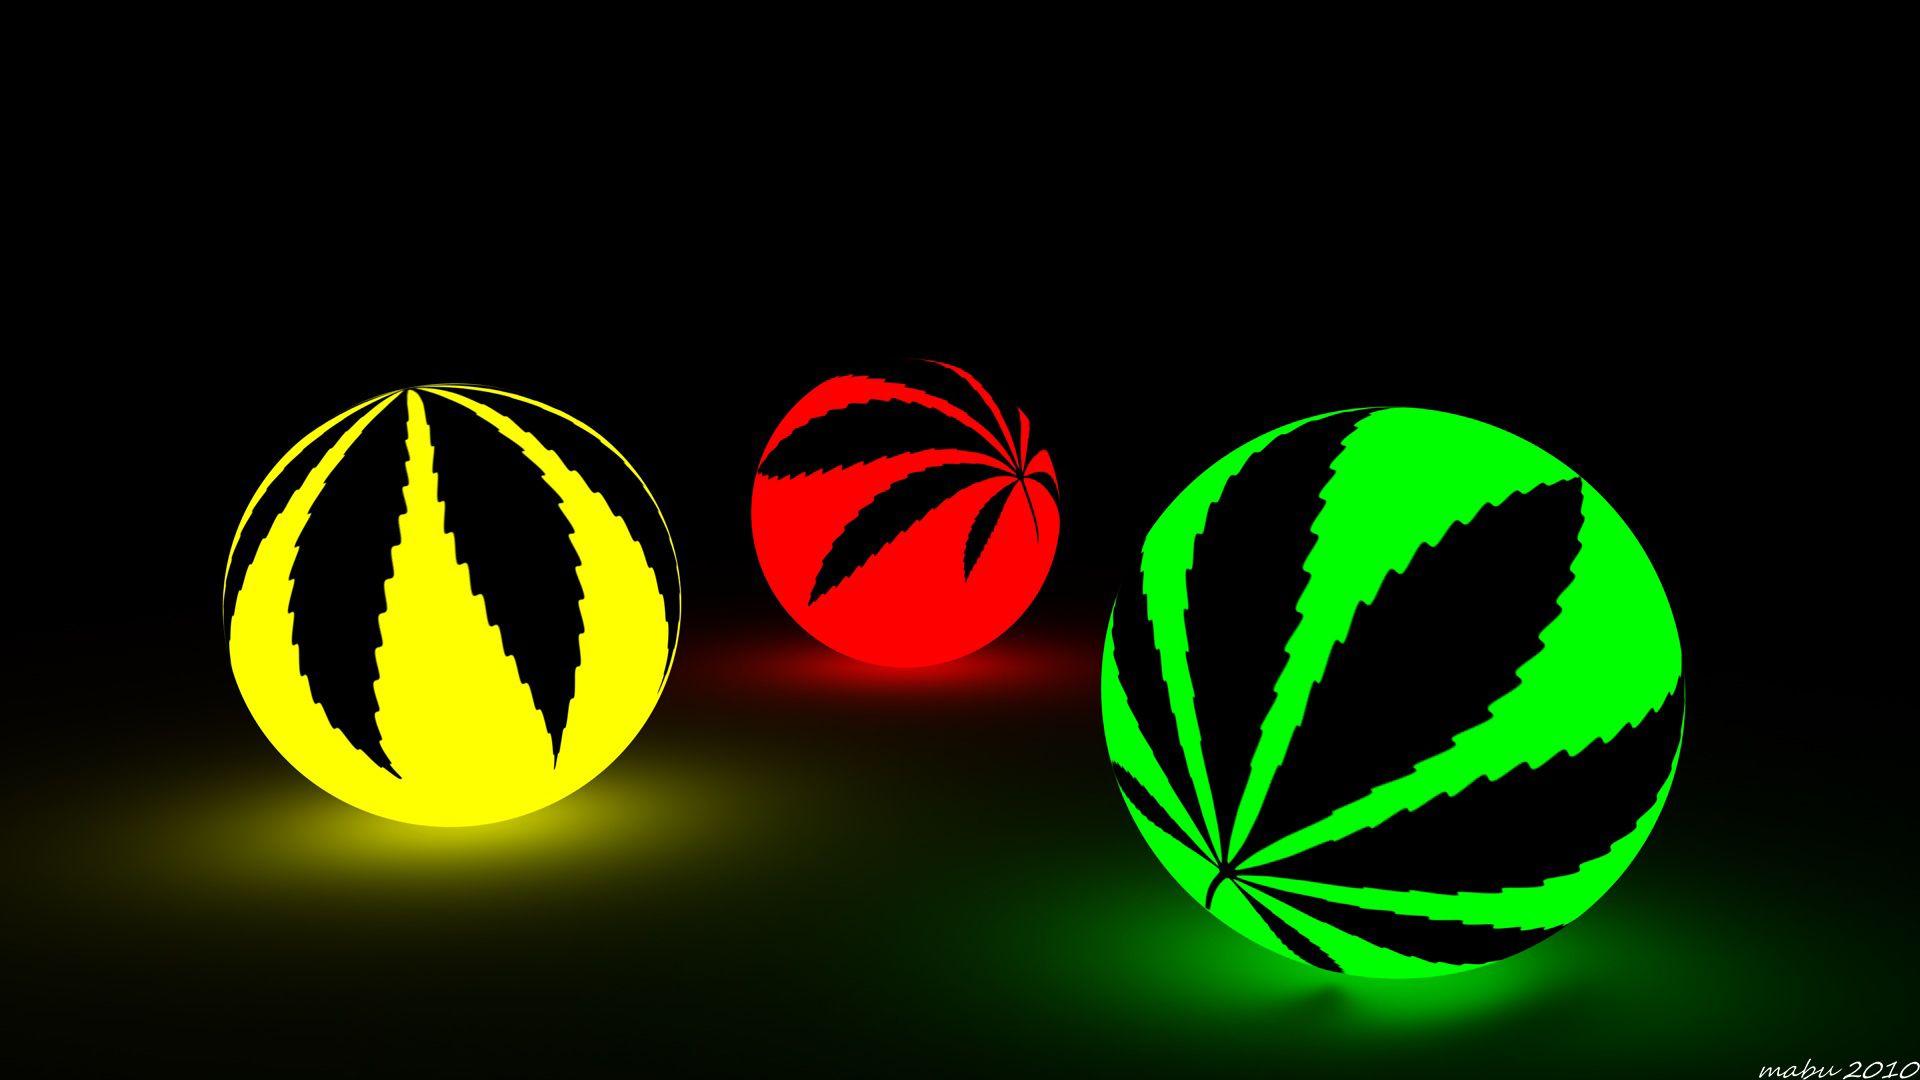 abstract marijuana